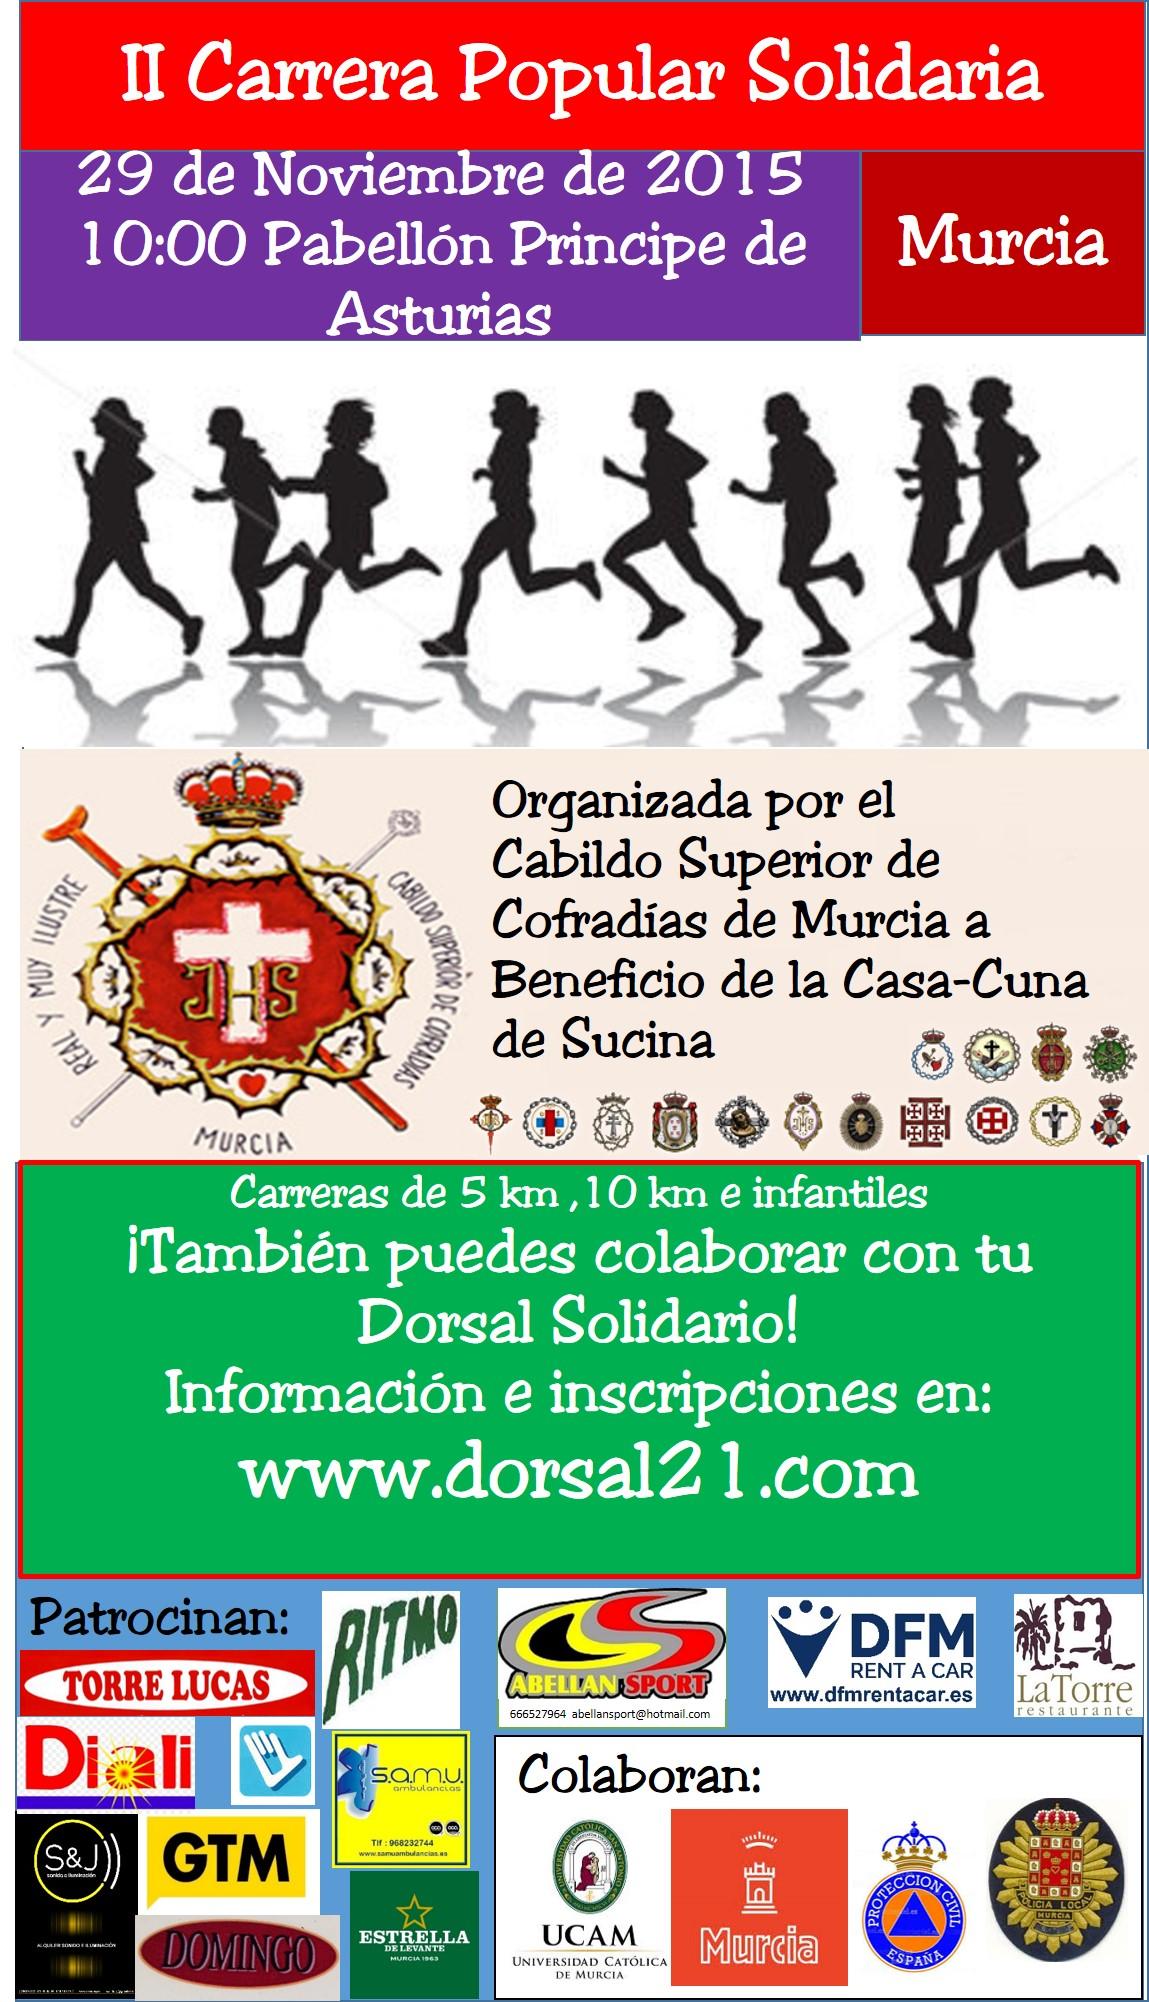 http://www.dorsal21.com/carteles/c3c8_cartel_casa_cuna.jpg